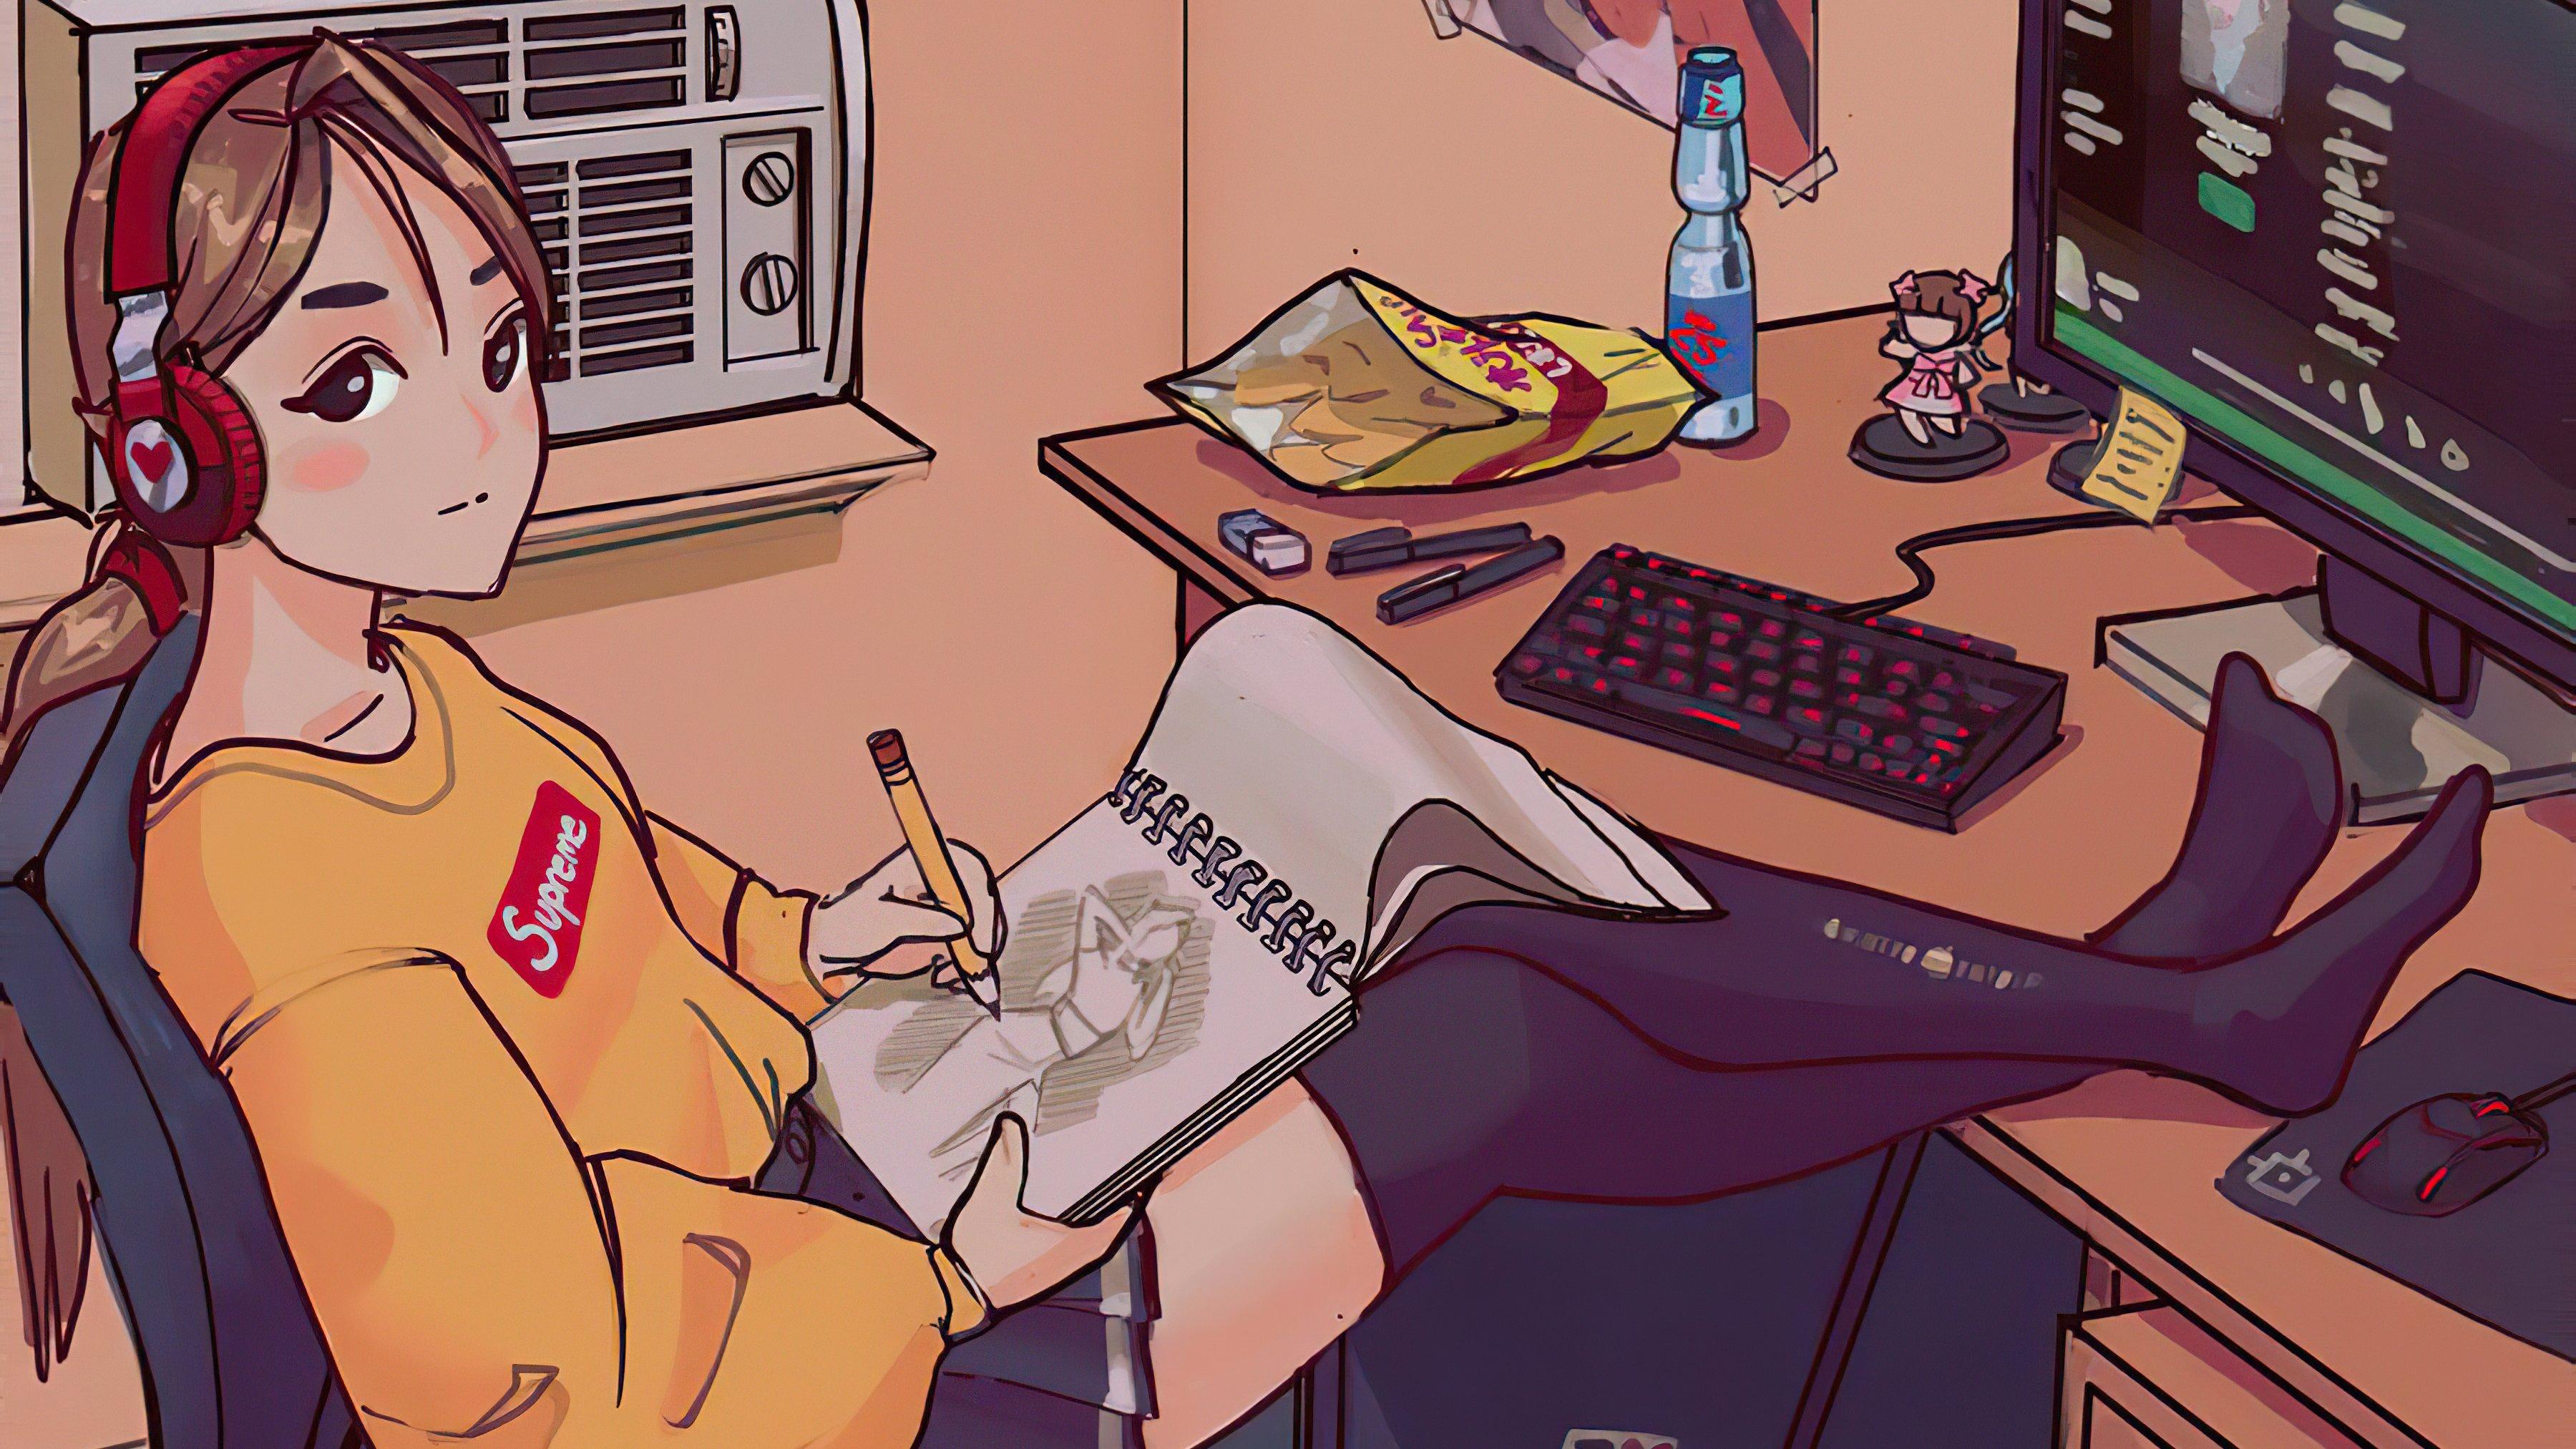 Fondos de pantalla Chica Anime dibujando